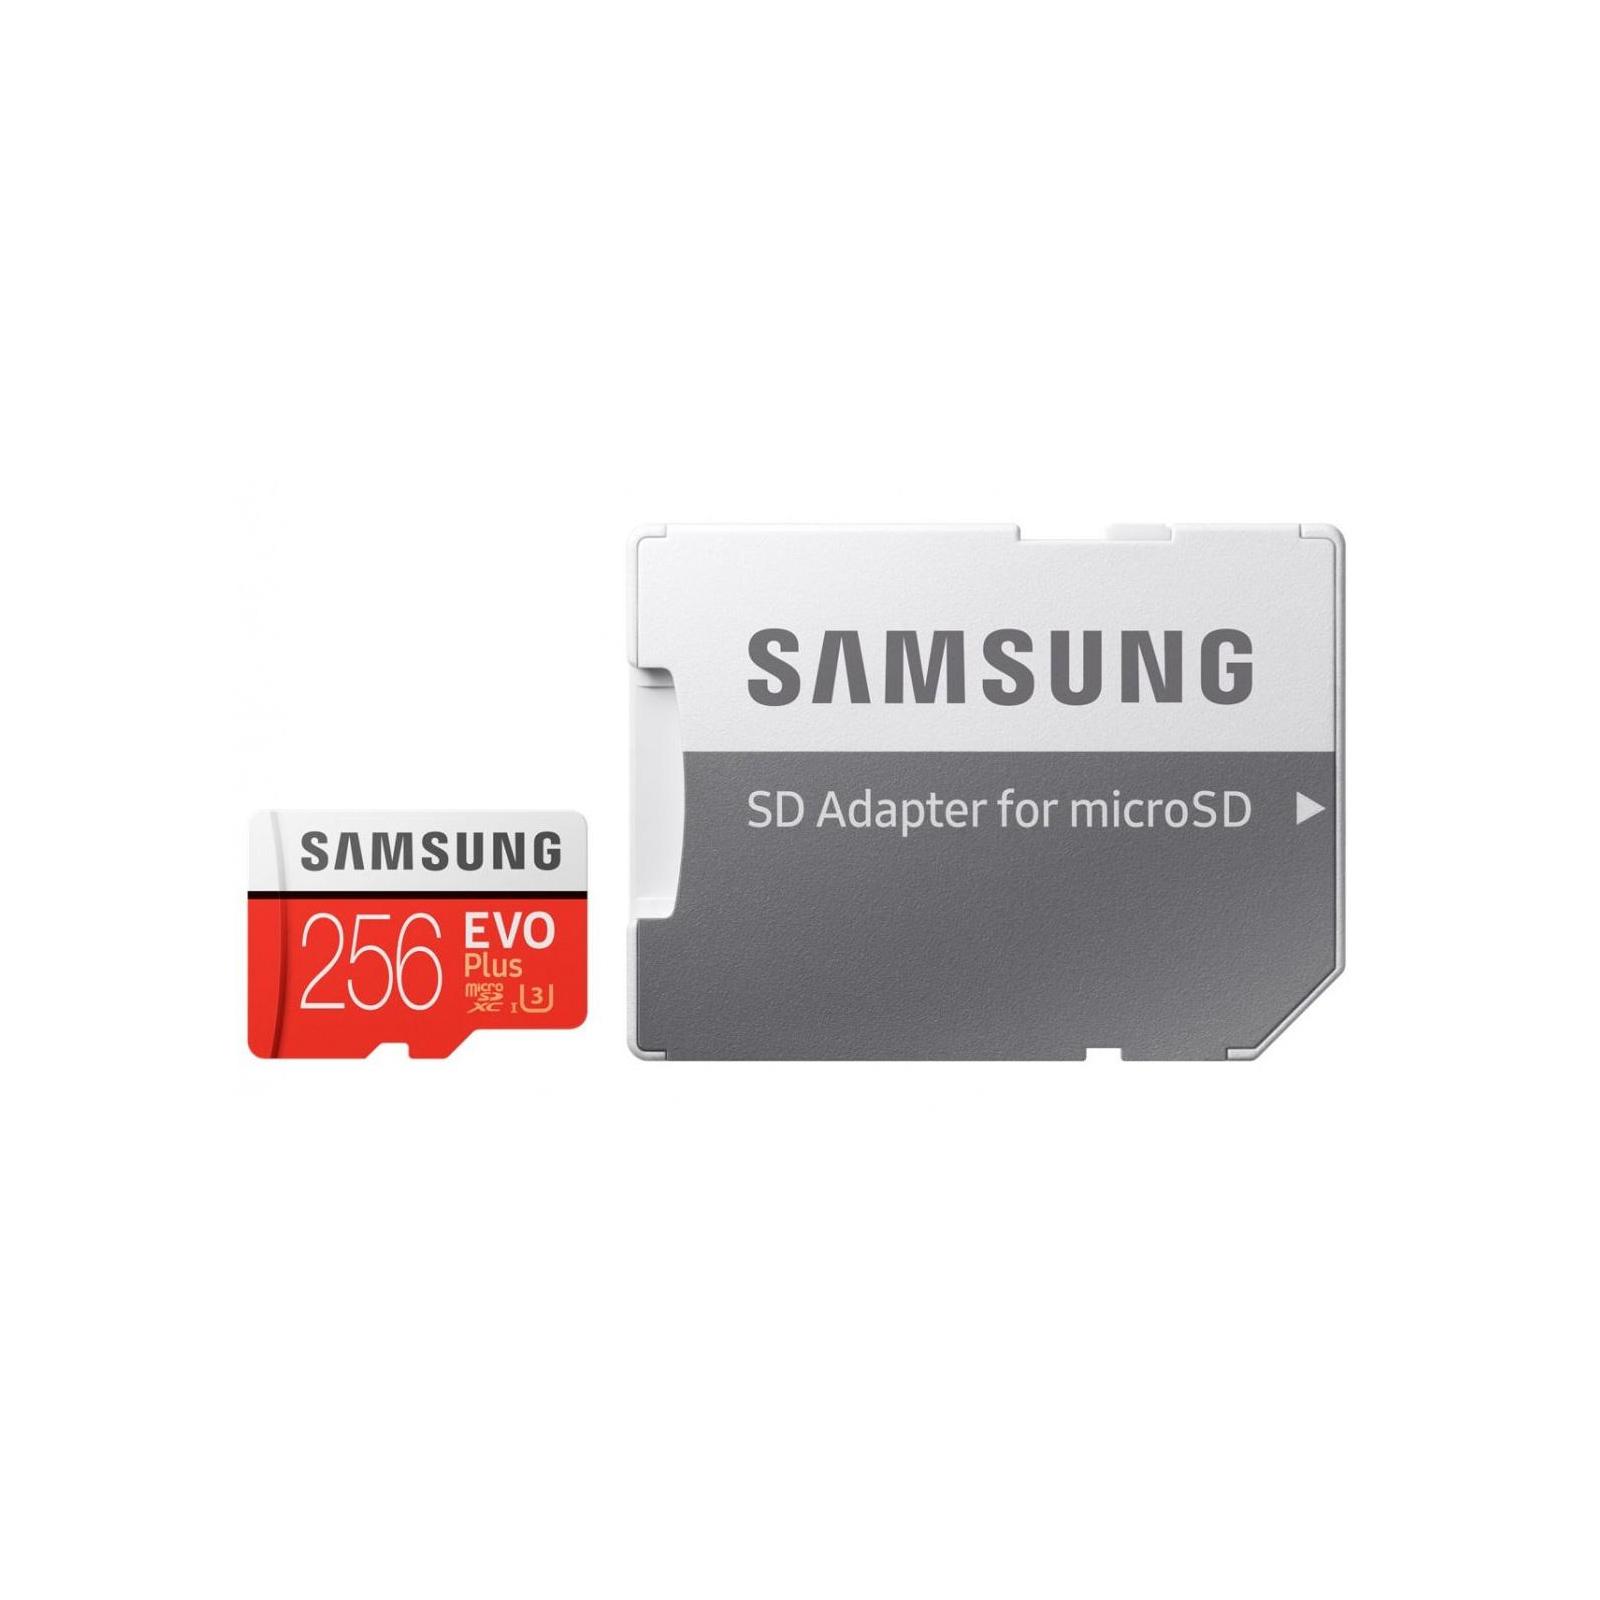 Карта памяти Samsung 256GB microSDXC class 10 UHS-I U3 Evo Plus (MB-MC256GA/RU) изображение 6